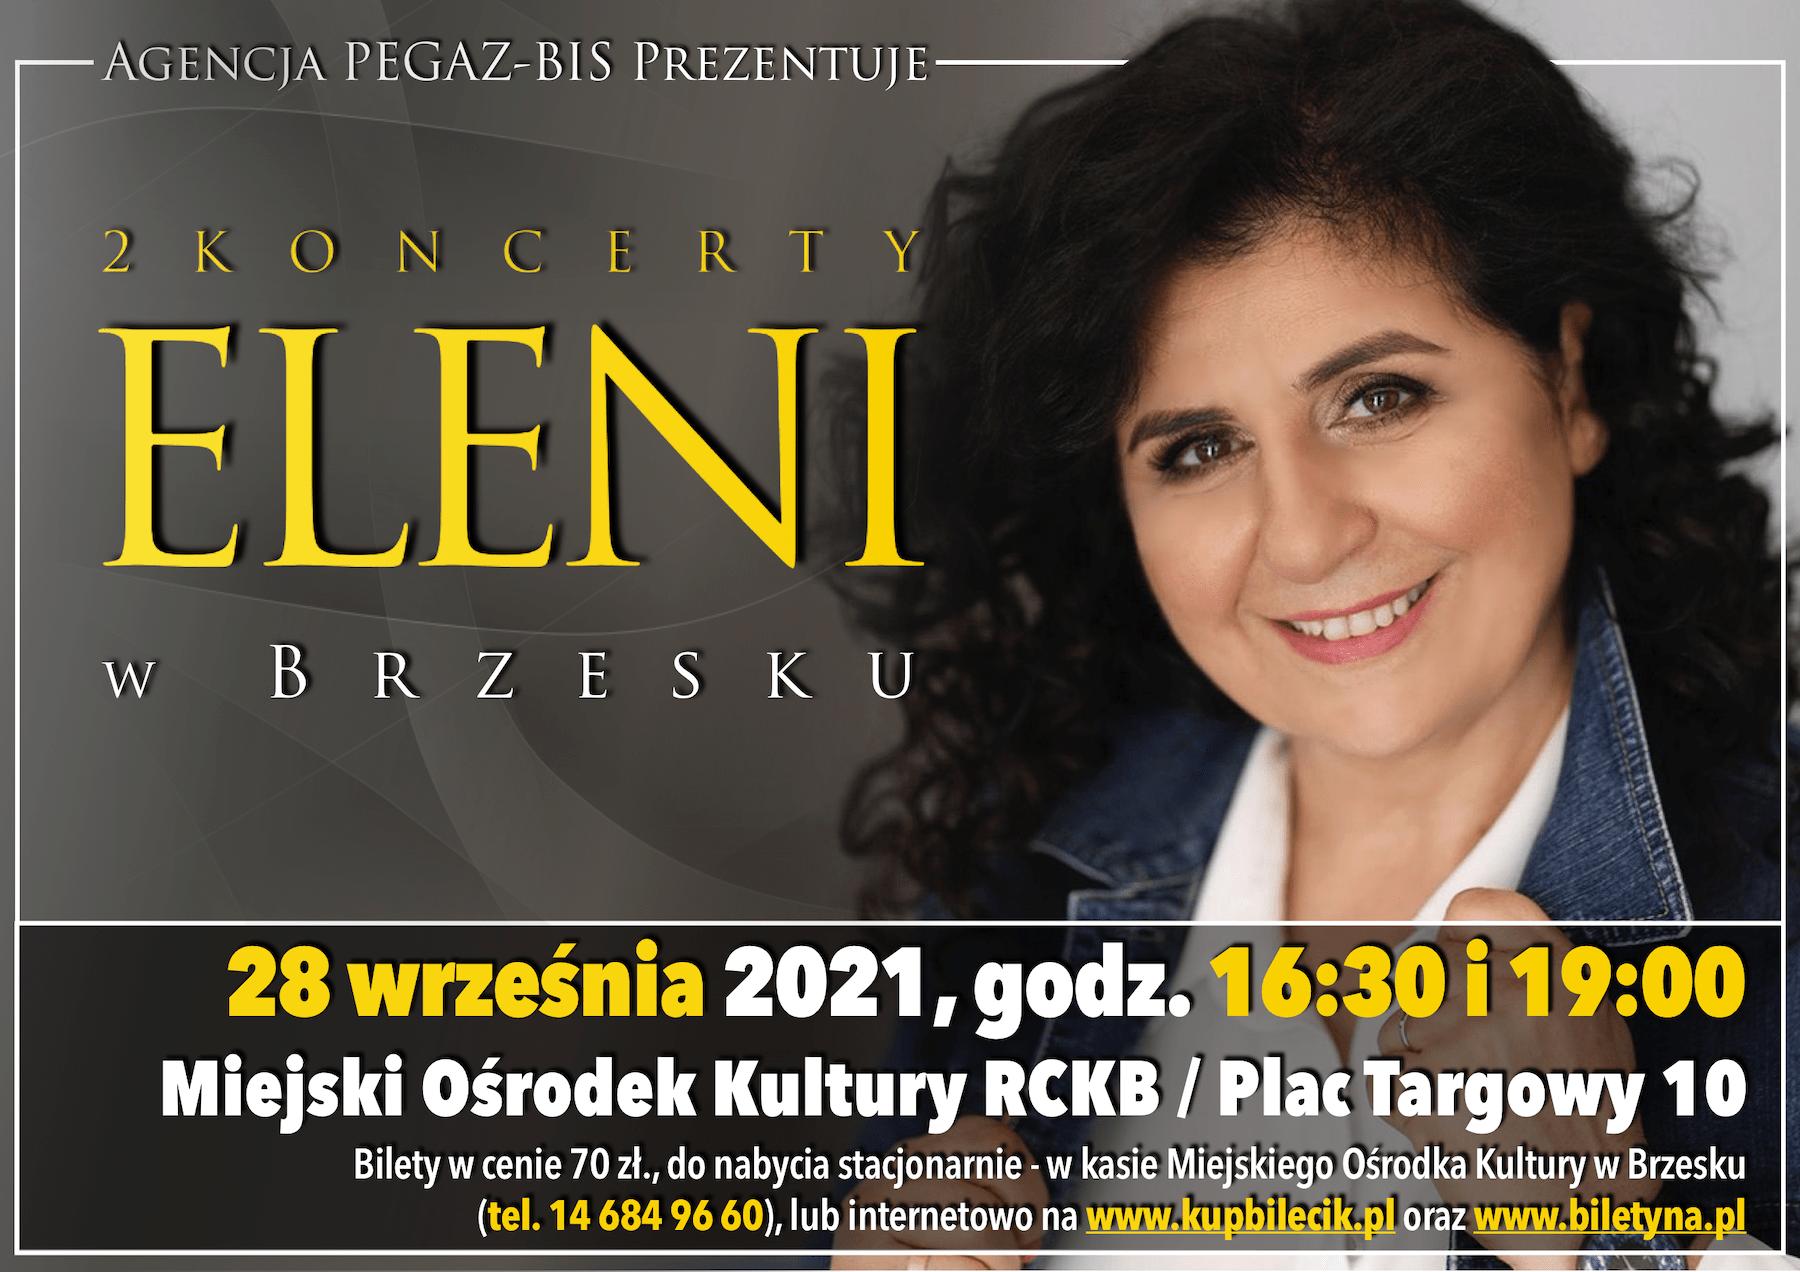 Podwójny koncert Eleni – 28 września 2021r.